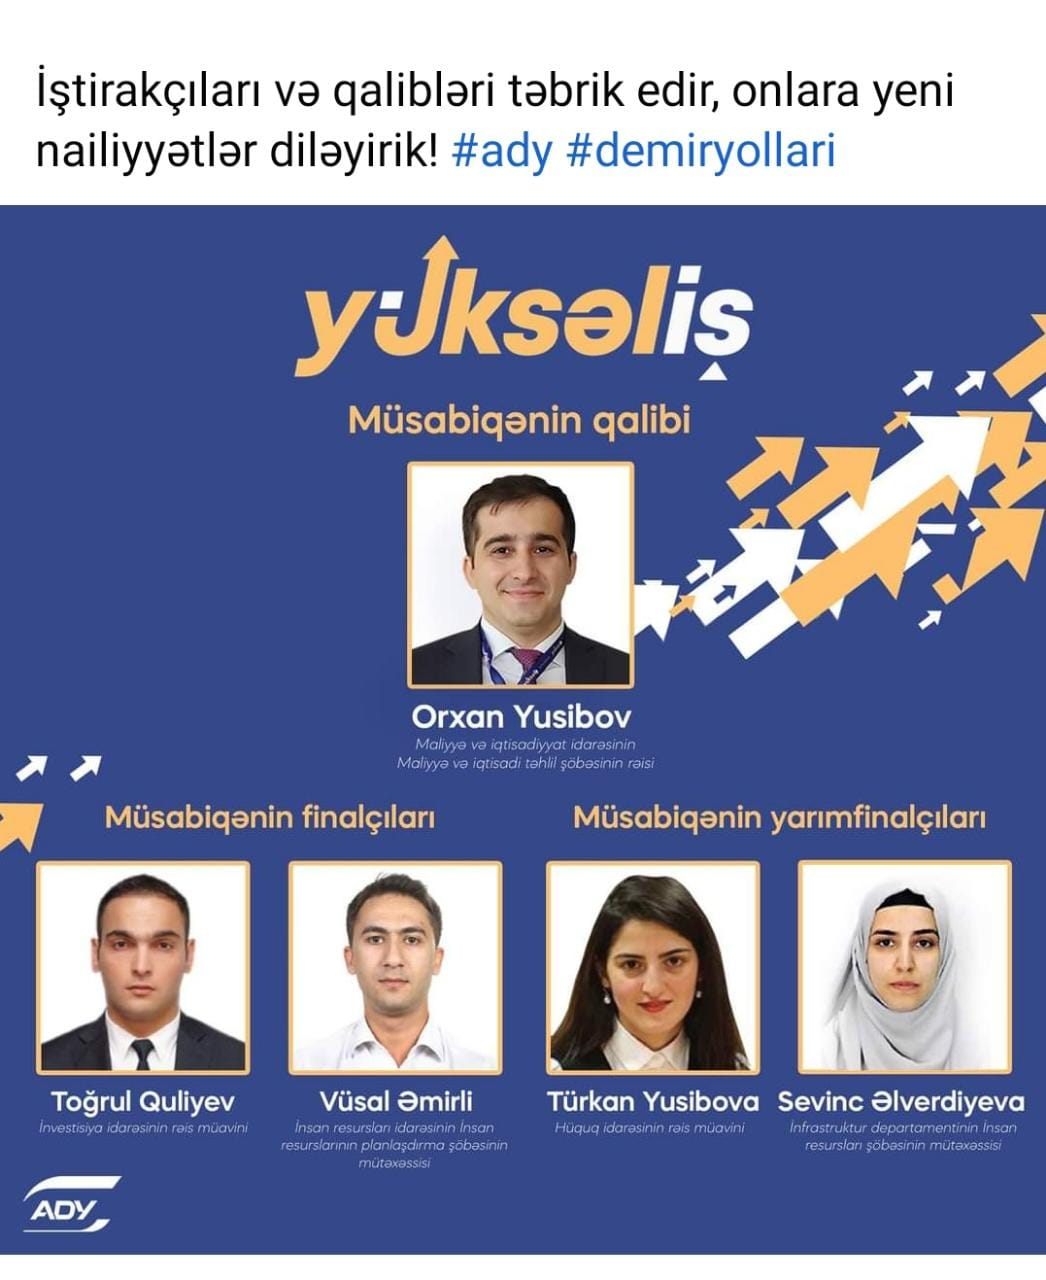 """DƏMİR YOLUNUN """"Yüksəliş""""i - Azərbaycan Dəmir Yollarının  intellektual"""